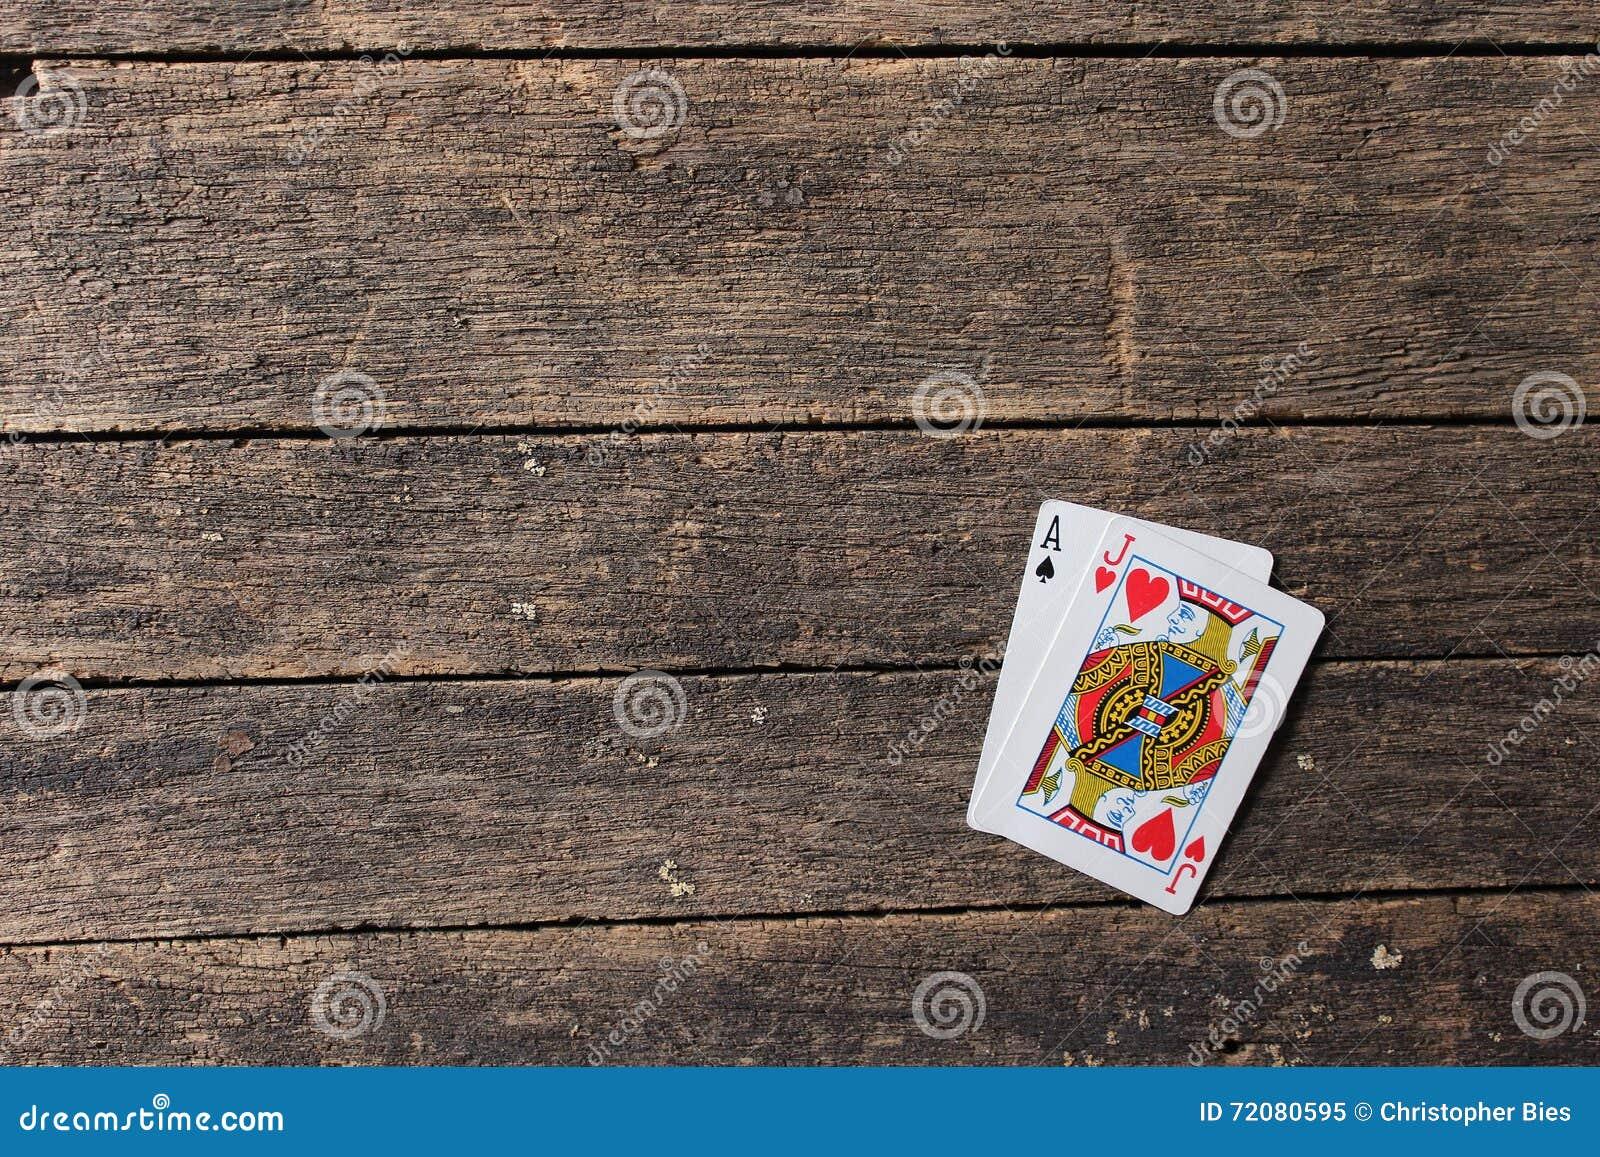 Blackjack Cards stock image  Image of spades, game, blue